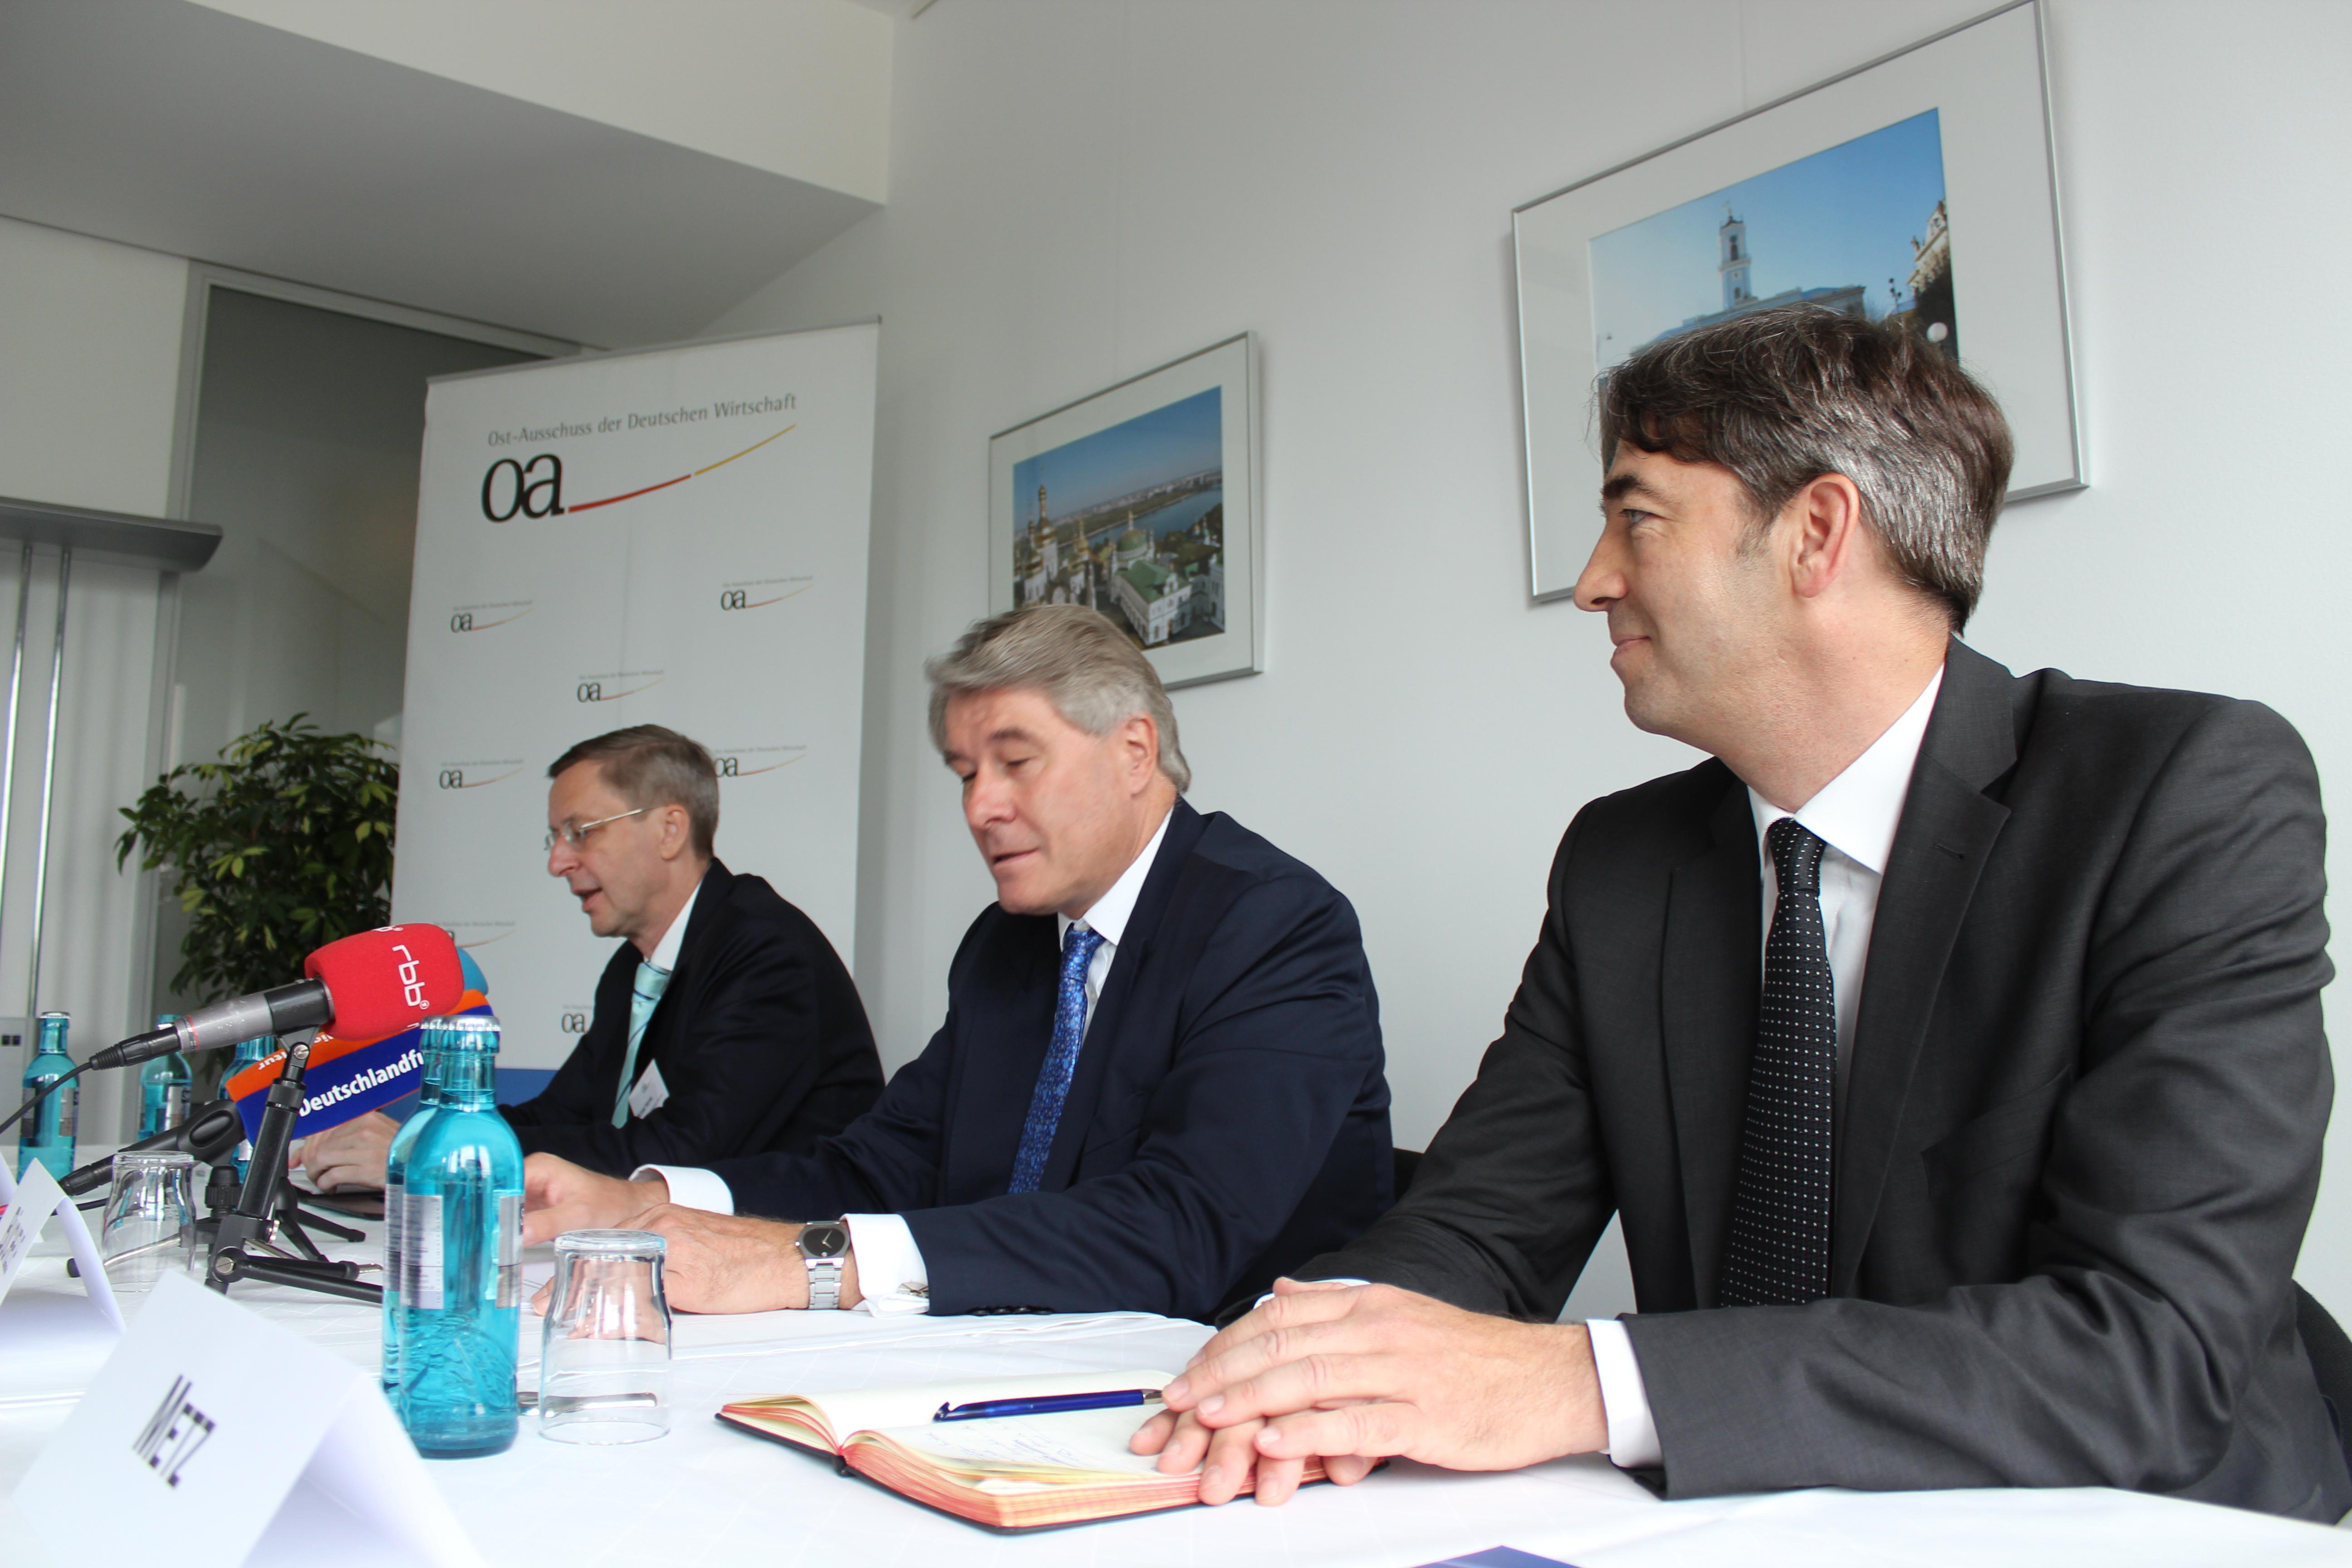 Pressemitteilungen | Ost-Ausschuss der Deutschen Wirtschaft